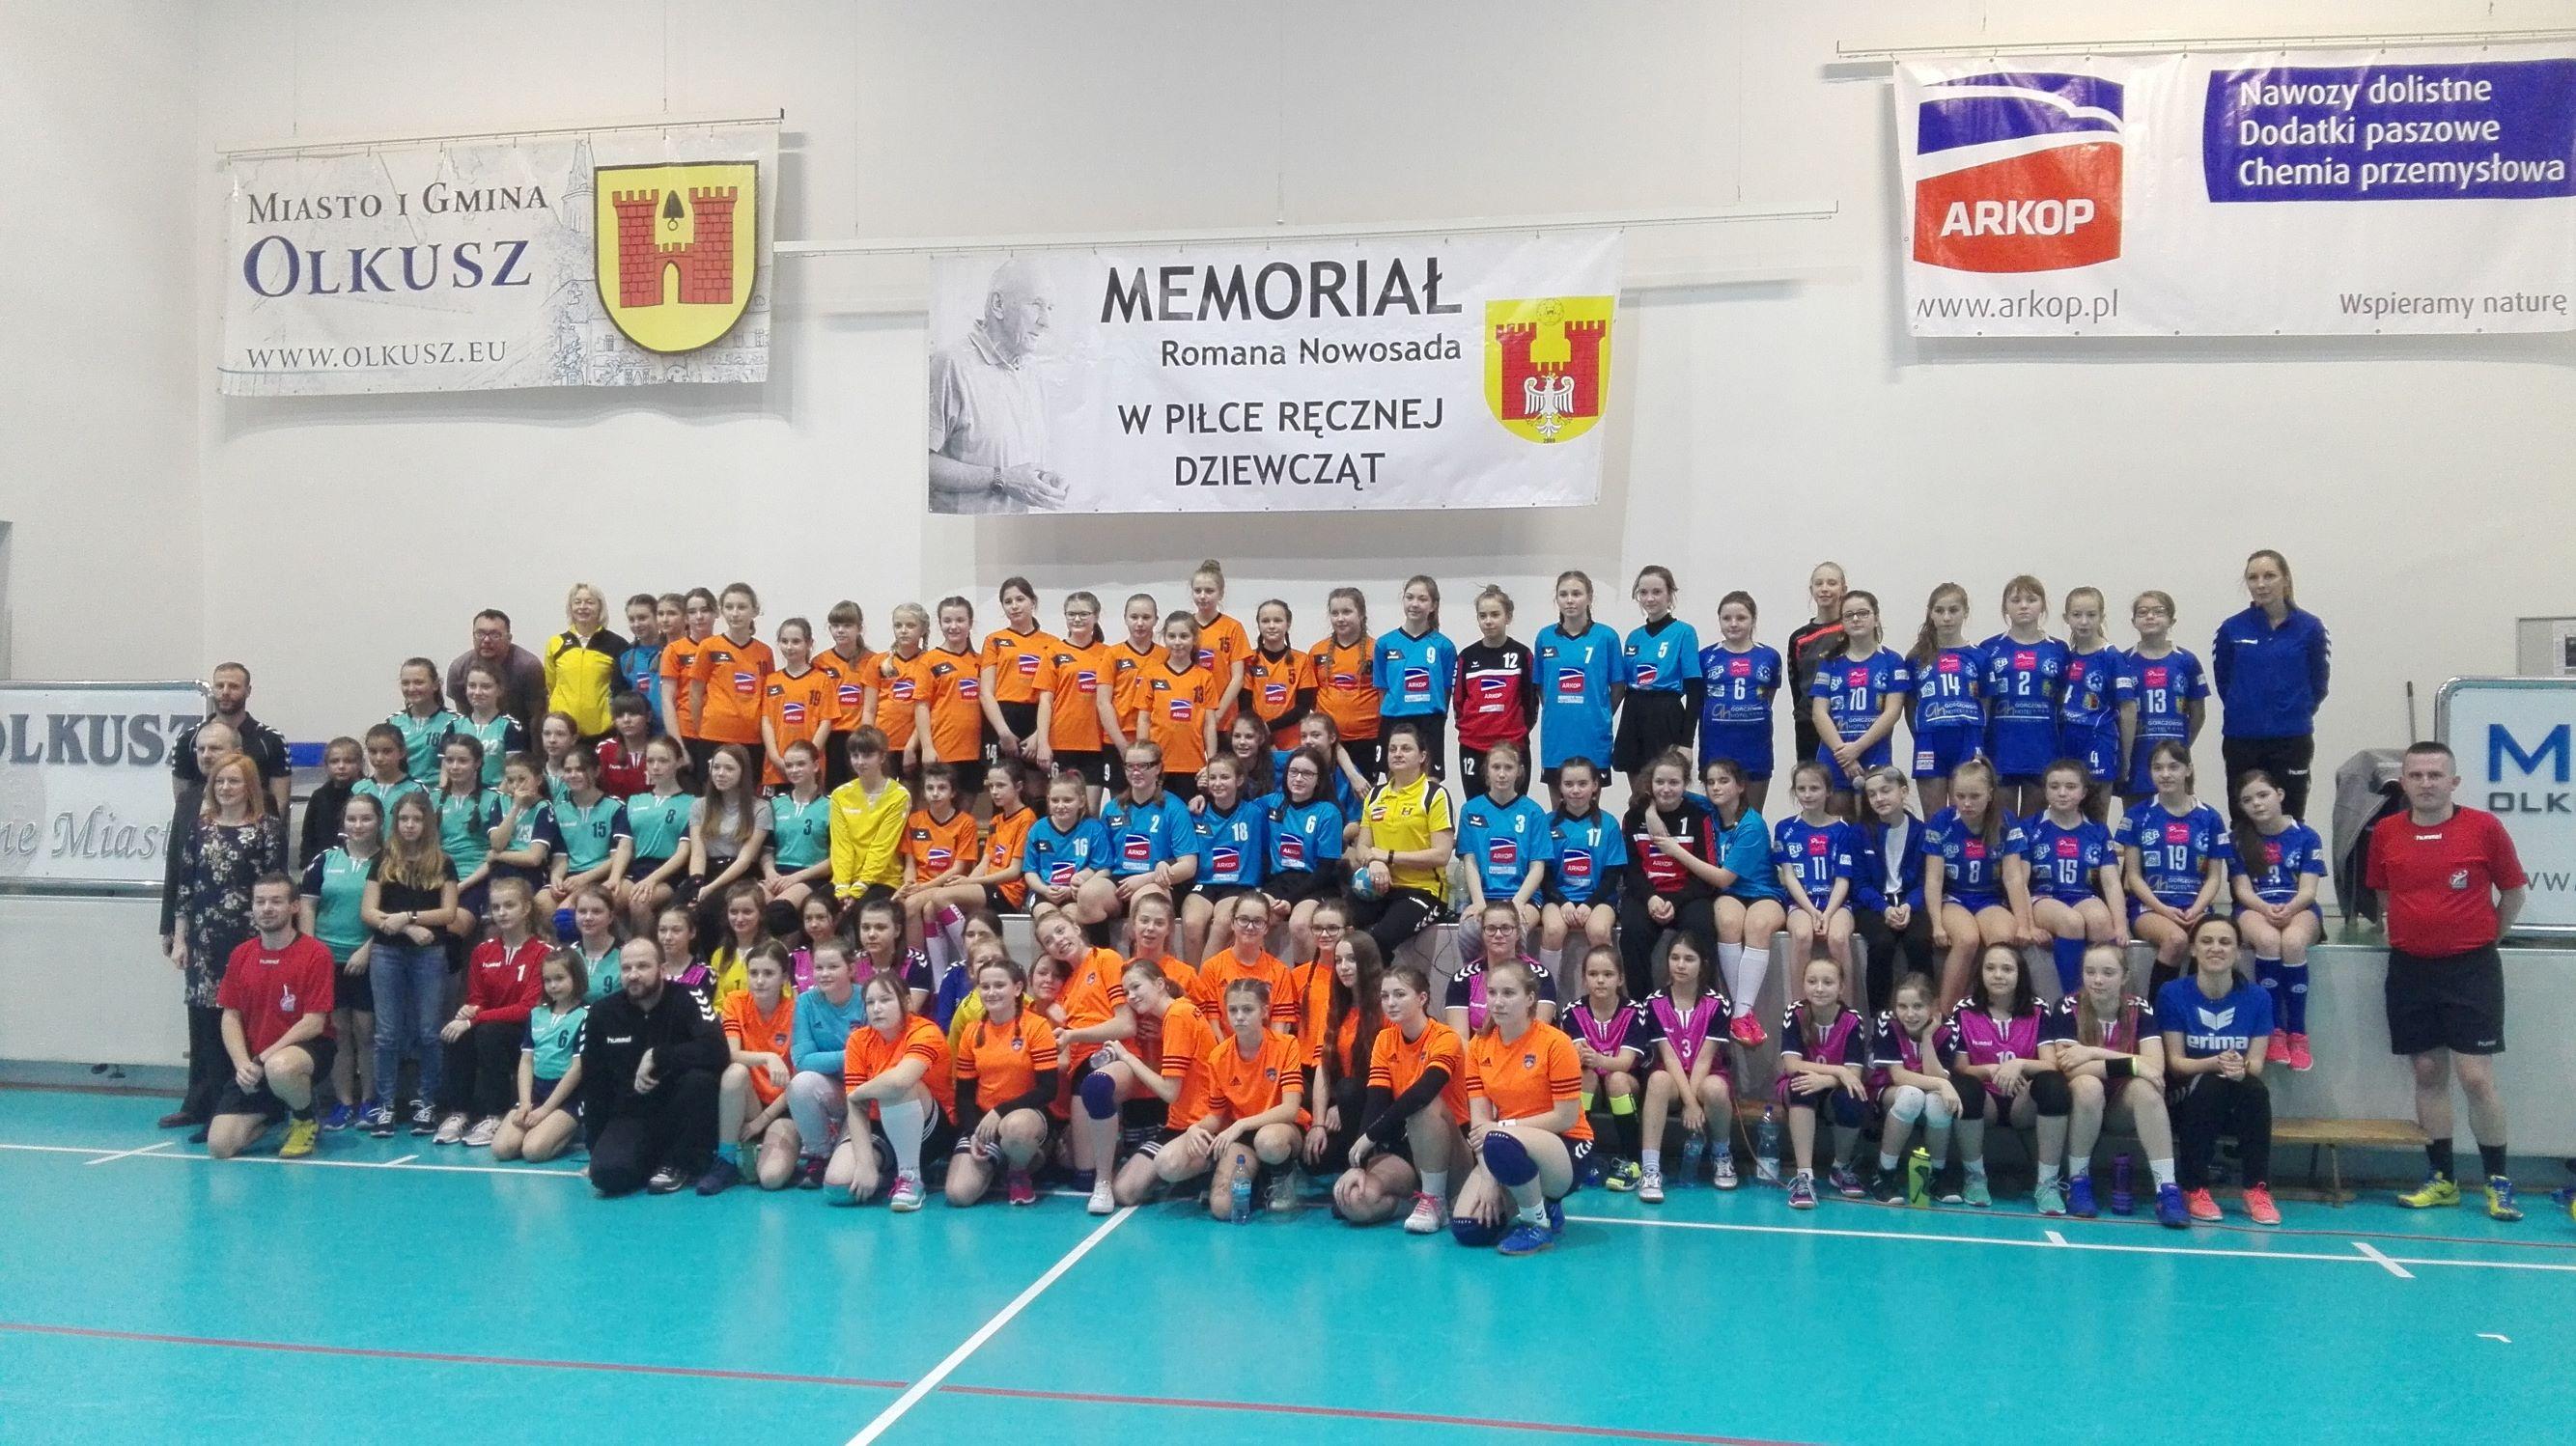 Zdjęcie wszystkich drużyn wraz z organizatorami